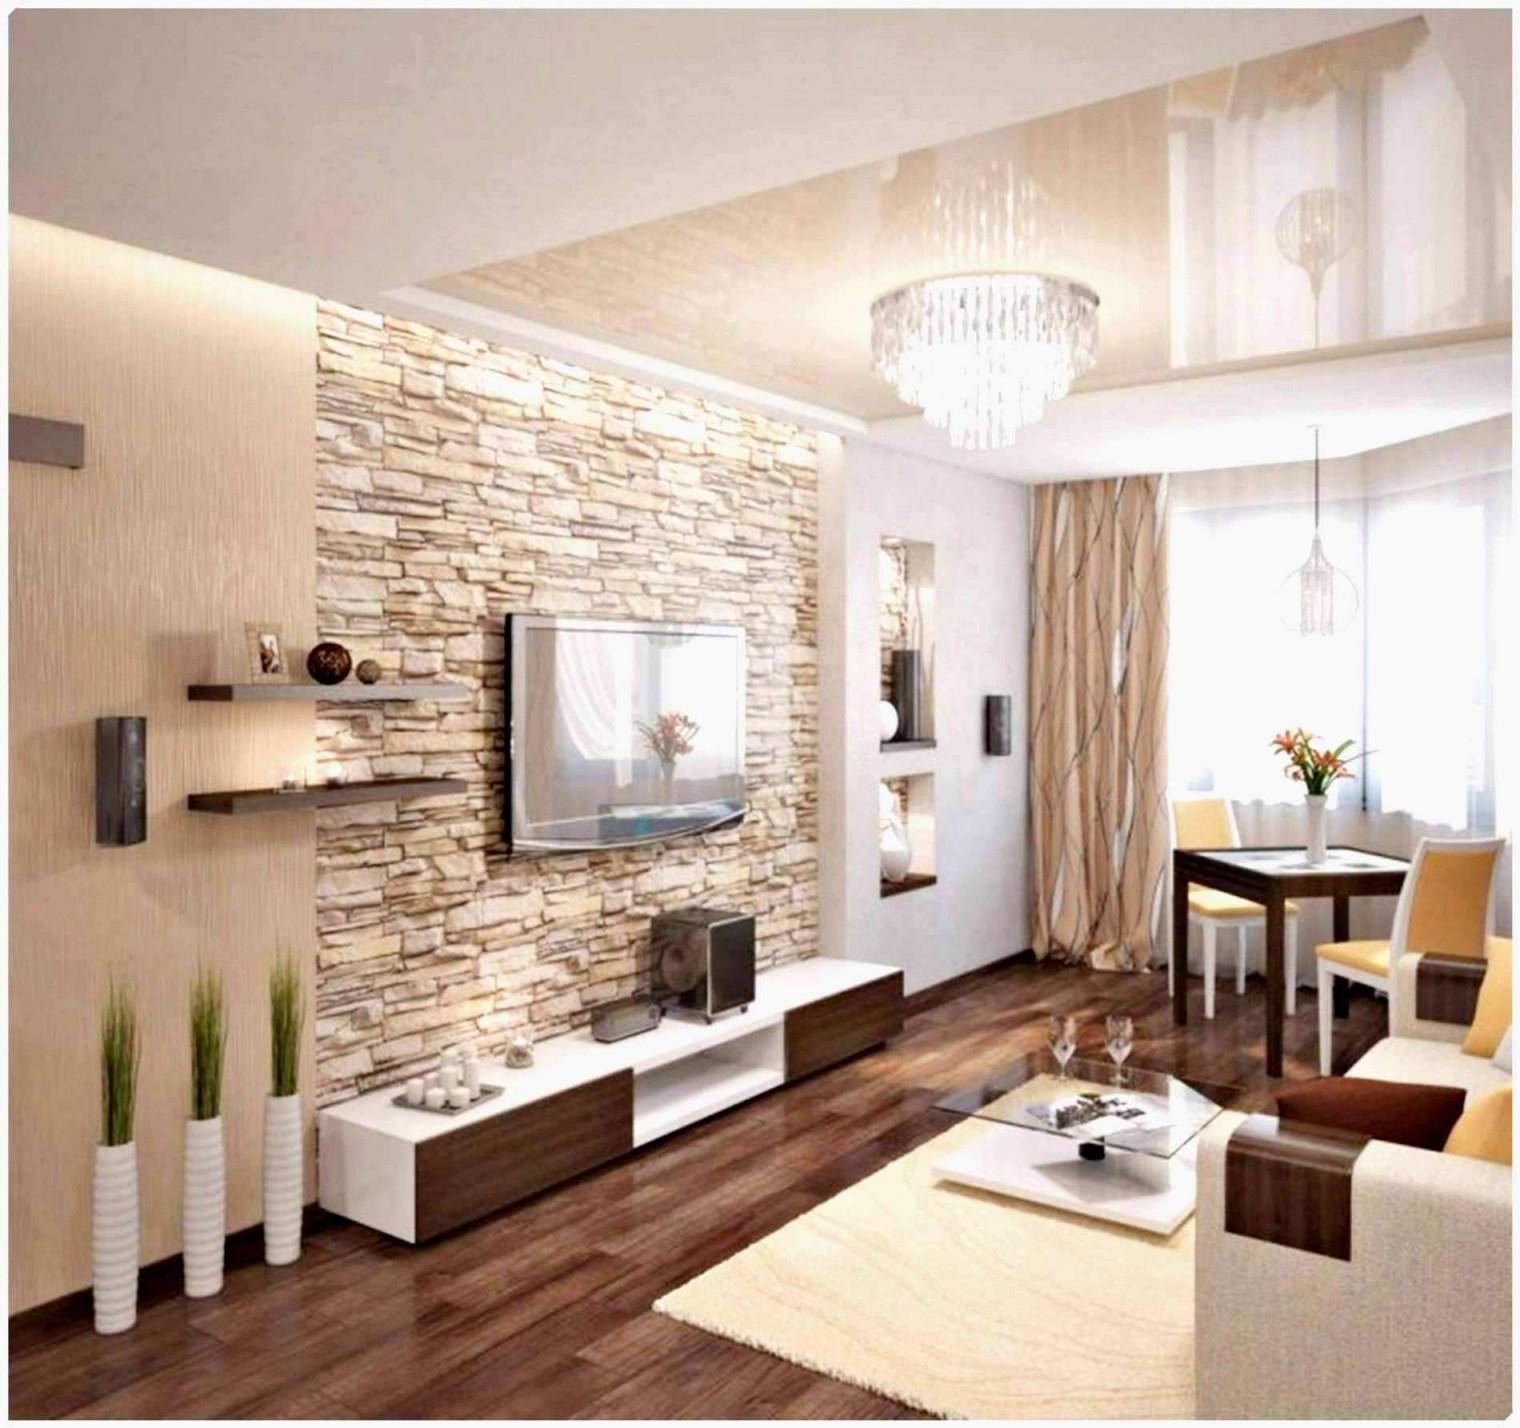 Moderne Tapeten Für Wohnzimmer Frisch 53 Schön Tapeten Für von Schöne Tapeten Wohnzimmer Bild